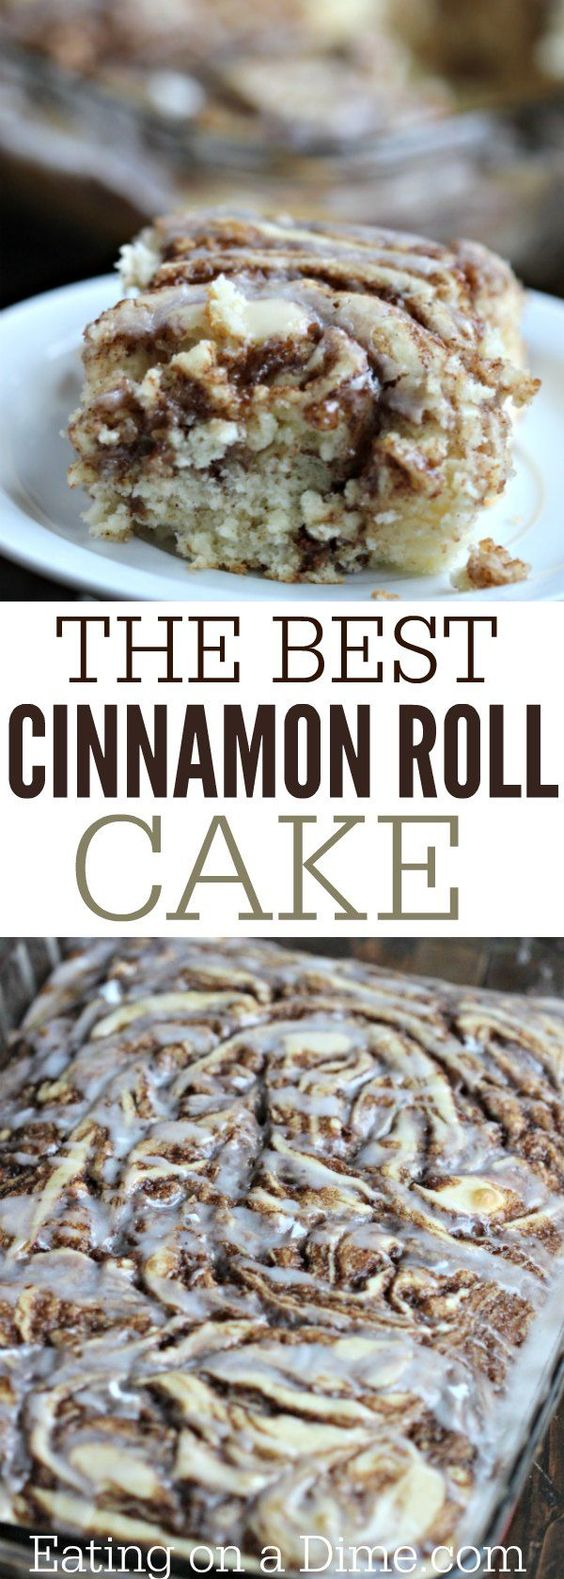 The Best Cinnamon Roll Cake Recipe #cakerecipe #dessertrecipes